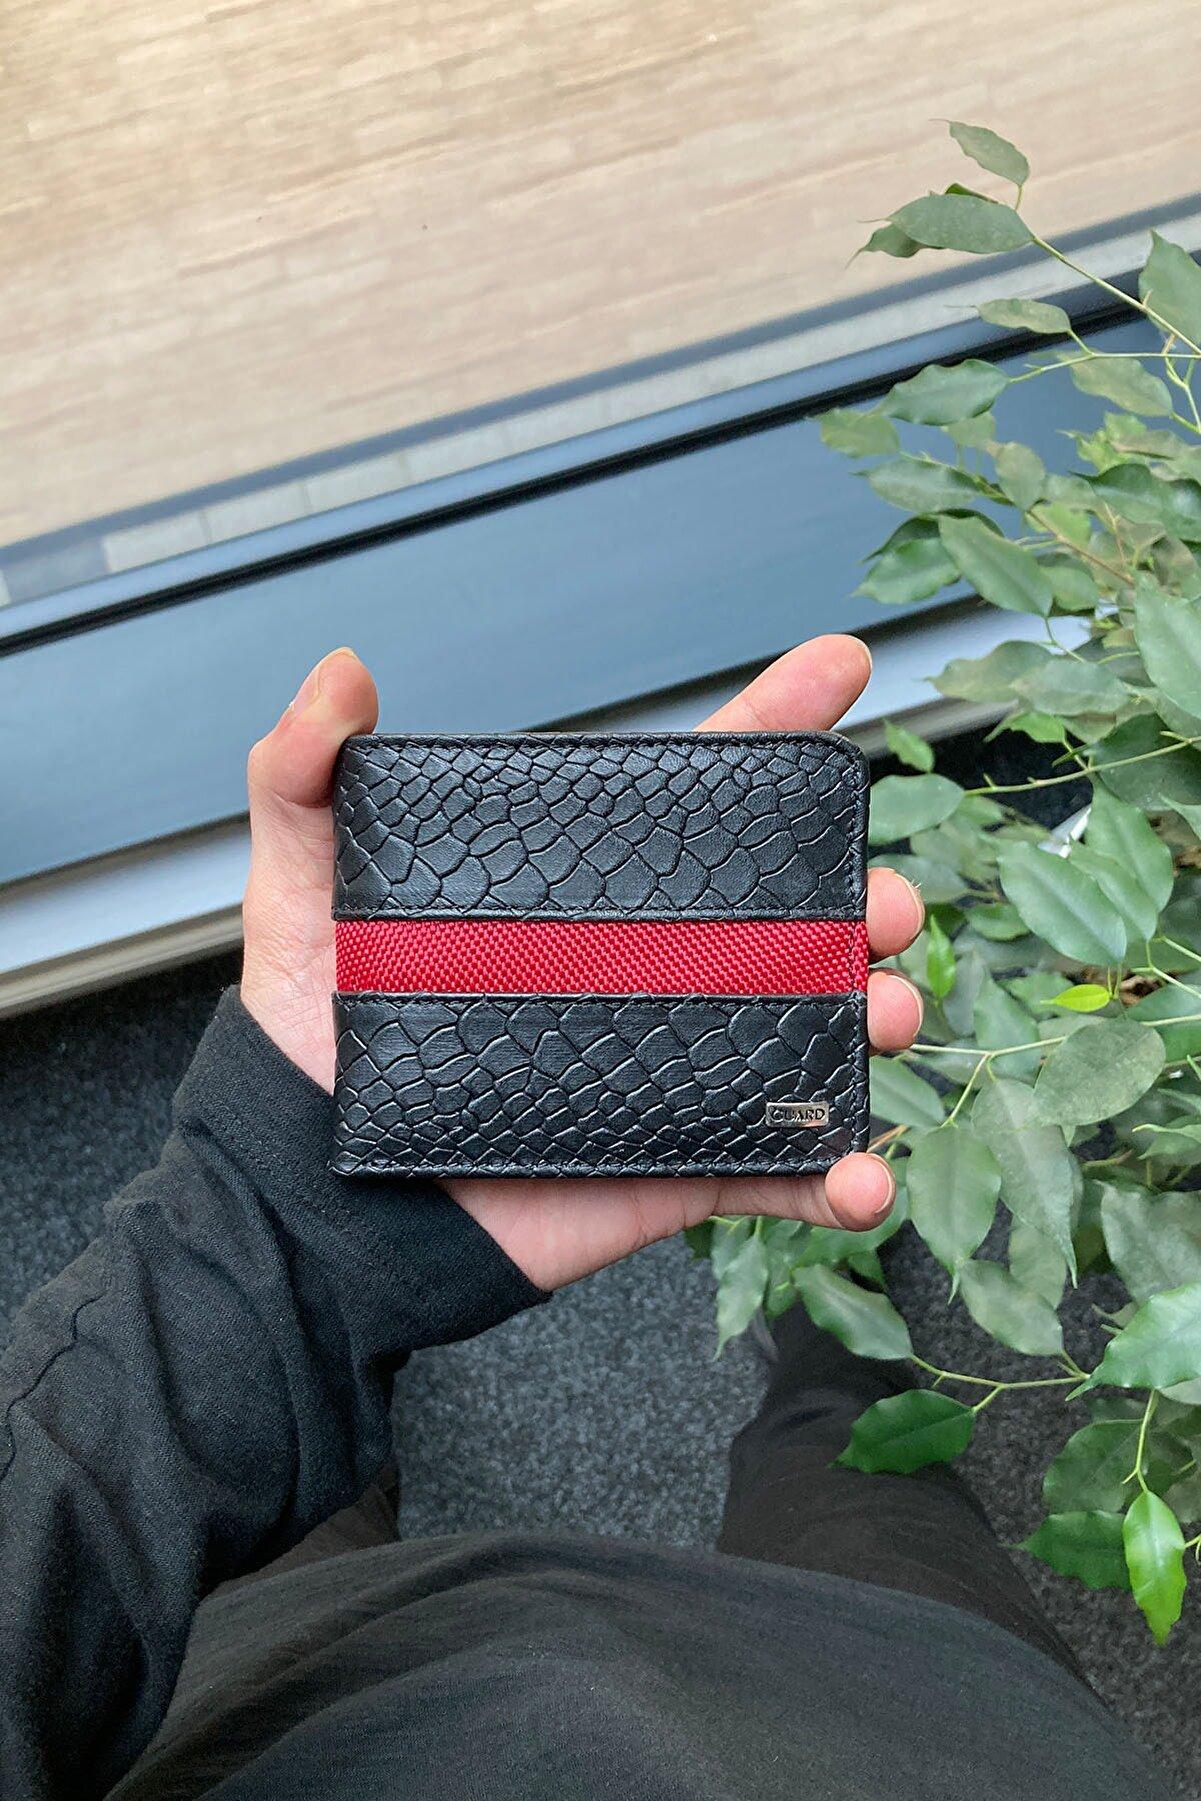 GUARD Kırmızı Şeritli Ve Piton Baskılı Deri Erkek Cüzdanı - Siyah